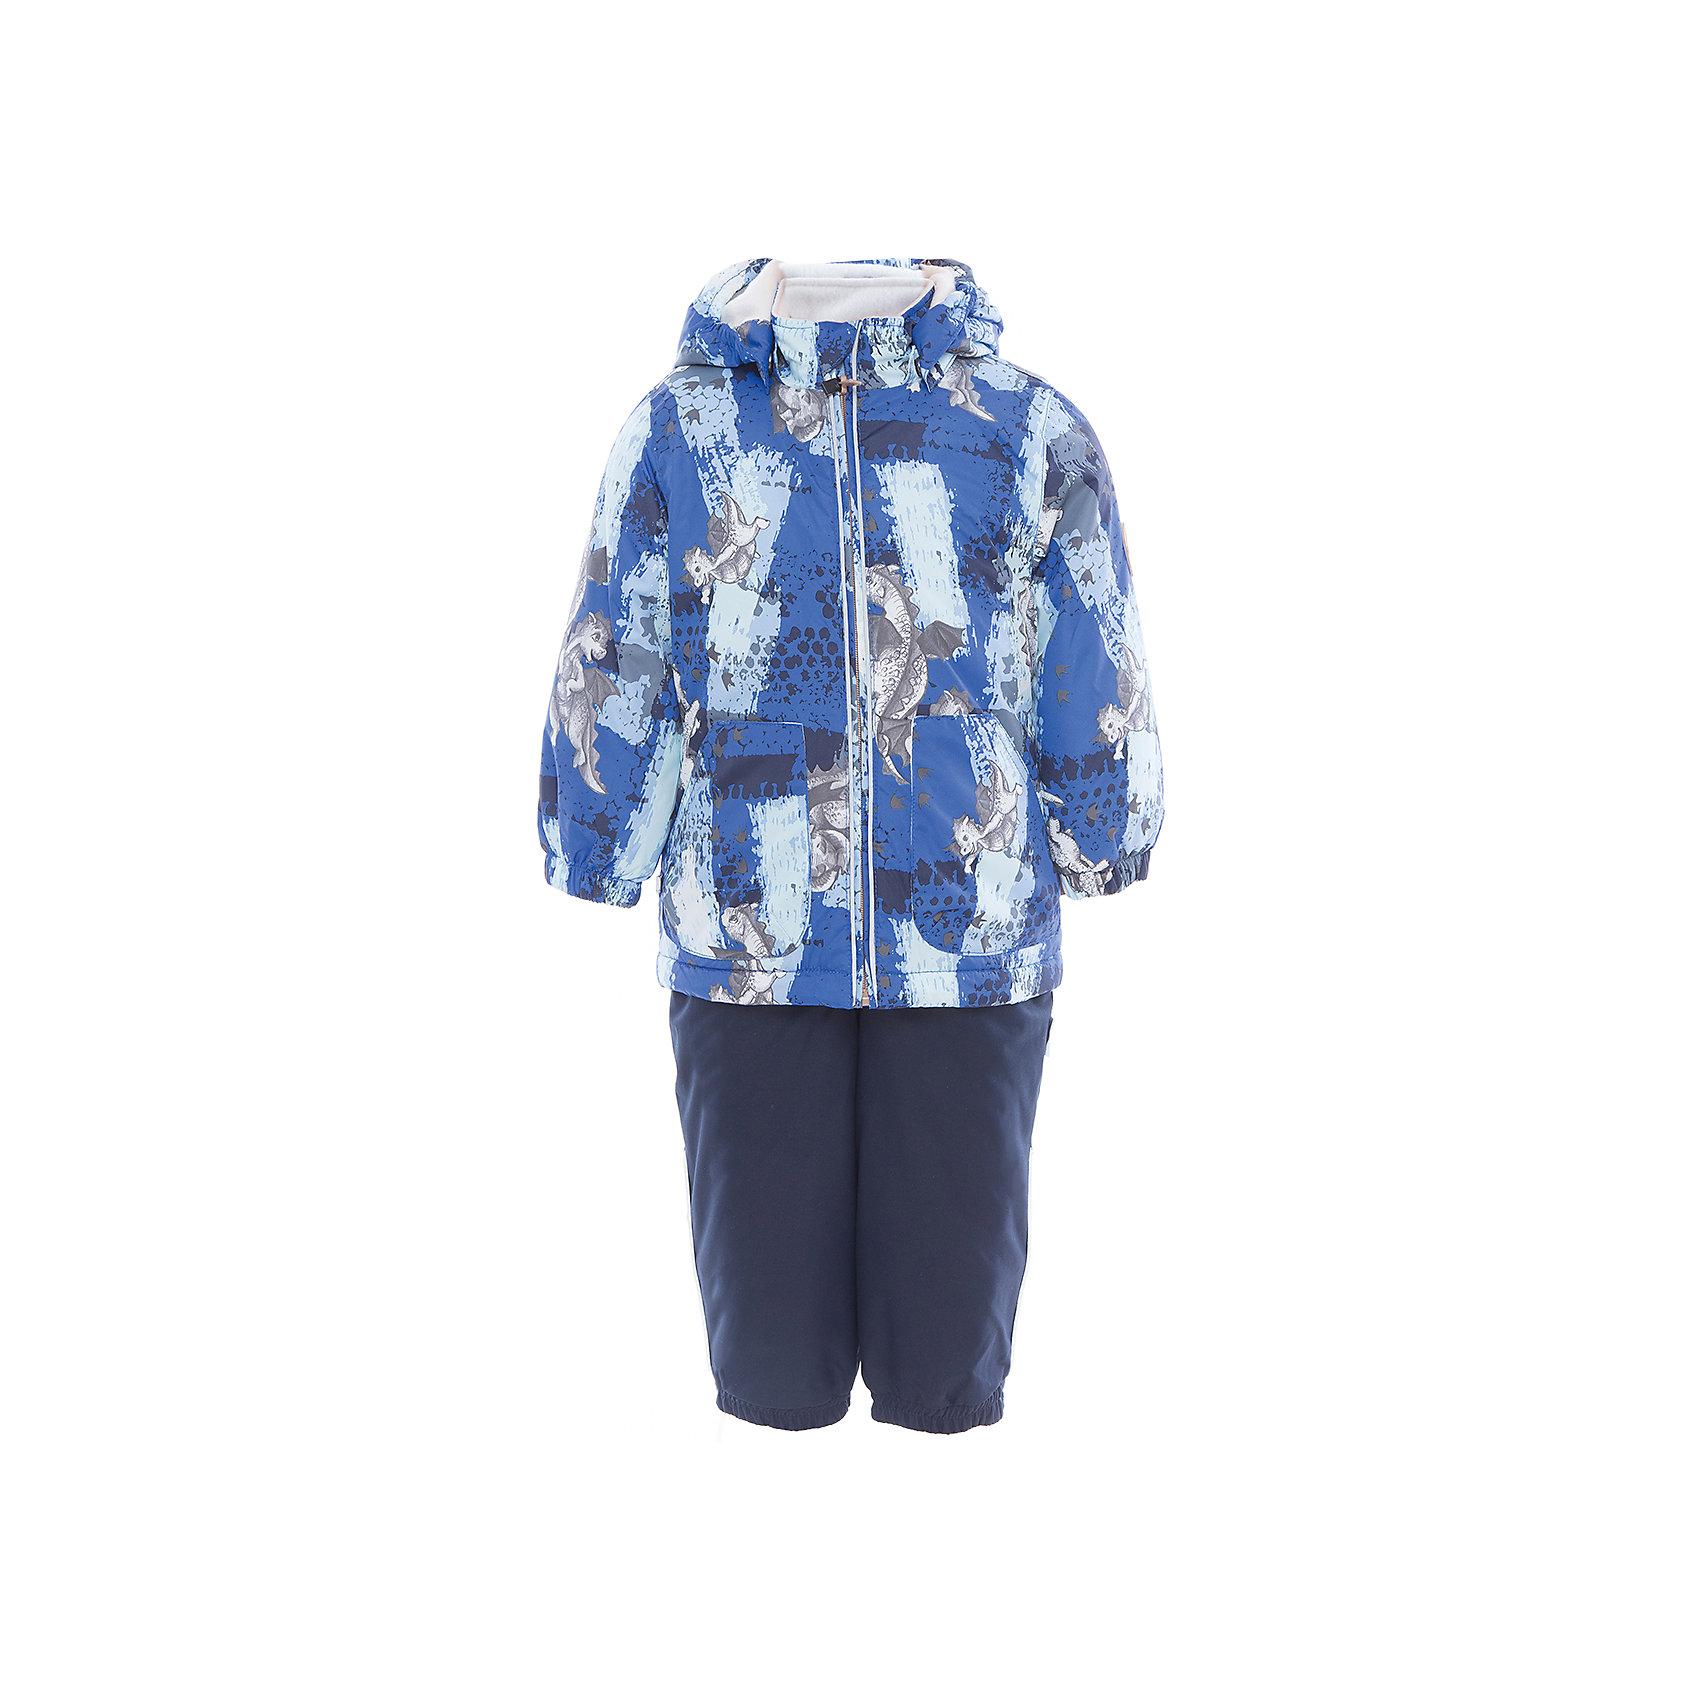 Комплект: куртка и полукомбинезон для мальчика CARLO HuppaХарактеристики товара:<br><br>• цвет: синий принт/тёмно-синий<br>• комплектация: куртка и полукомбинезон <br>• ткань: 100% полиэстер<br>• подкладка: тафта - 100% полиэстер<br>• утеплитель: 100% полиэстер; куртка 100 г, полукомбинезон 40 г<br>• температурный режим: от -5°С до +10°С<br>• водонепроницаемость: верх - 5000 мм, низ - 10000 мм<br>• воздухопроницаемость: верх - 5000 мм, низ - 10000 мм<br>• светоотражающие детали<br>• шов сидения проклеен<br>• съёмный капюшон с резинкой<br>• эластичные манжеты на рукавах<br>• манжеты брюк с резинкой<br>• съёмные эластичные штрипки<br>• без внутренних швов<br>• резиновые подтяжки<br>• коллекция: весна-лето 2017<br>• страна бренда: Эстония<br><br>Такой модный демисезонный комплект  обеспечит детям тепло и комфорт. Он сделан из материала, отталкивающего воду, и дополнен подкладкой с утеплителем, поэтому изделие идеально подходит для межсезонья. Материал изделий - с мембранной технологией: защищая от влаги и ветра, он легко выводит лишнюю влагу наружу. Комплект очень симпатично смотрится. <br><br>Одежда и обувь от популярного эстонского бренда Huppa - отличный вариант одеть ребенка можно и комфортно. Вещи, выпускаемые компанией, качественные, продуманные и очень удобные. Для производства изделий используются только безопасные для детей материалы. Продукция от Huppa порадует и детей, и их родителей!<br><br>Комплект: куртка и полукомбинезон для мальчика CARLO от бренда Huppa (Хуппа) можно купить в нашем интернет-магазине.<br><br>Ширина мм: 356<br>Глубина мм: 10<br>Высота мм: 245<br>Вес г: 519<br>Цвет: синий<br>Возраст от месяцев: 24<br>Возраст до месяцев: 36<br>Пол: Мужской<br>Возраст: Детский<br>Размер: 98,104,80,110,86,92<br>SKU: 5346697